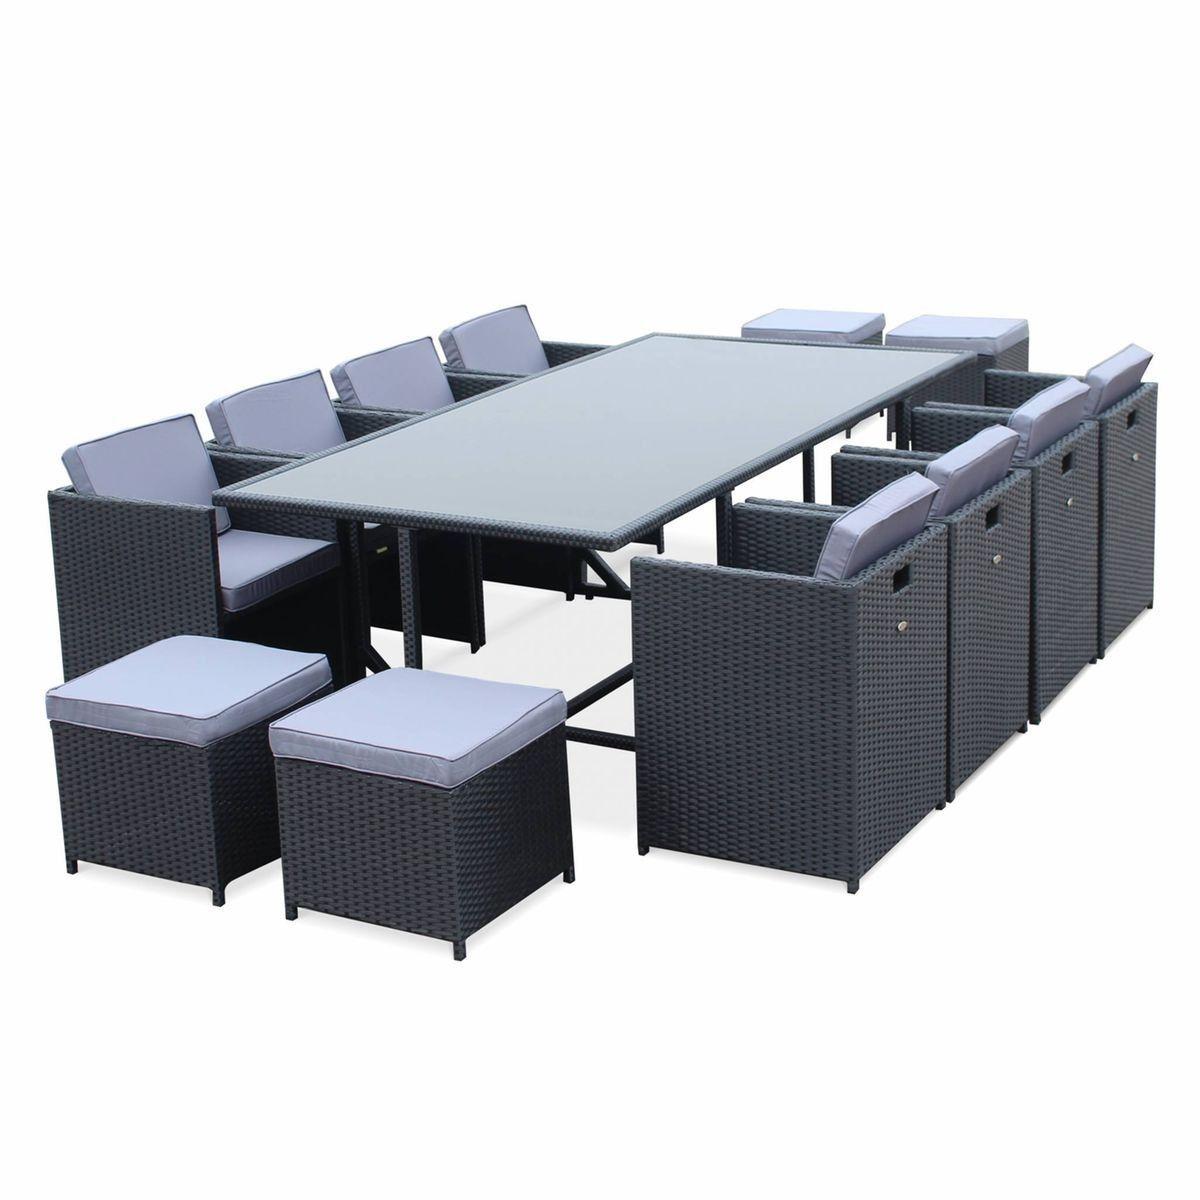 Salon De Jardin Vasto Noir Table En Résine Tressée 8 À 12 ... destiné Auchan Table De Jardin